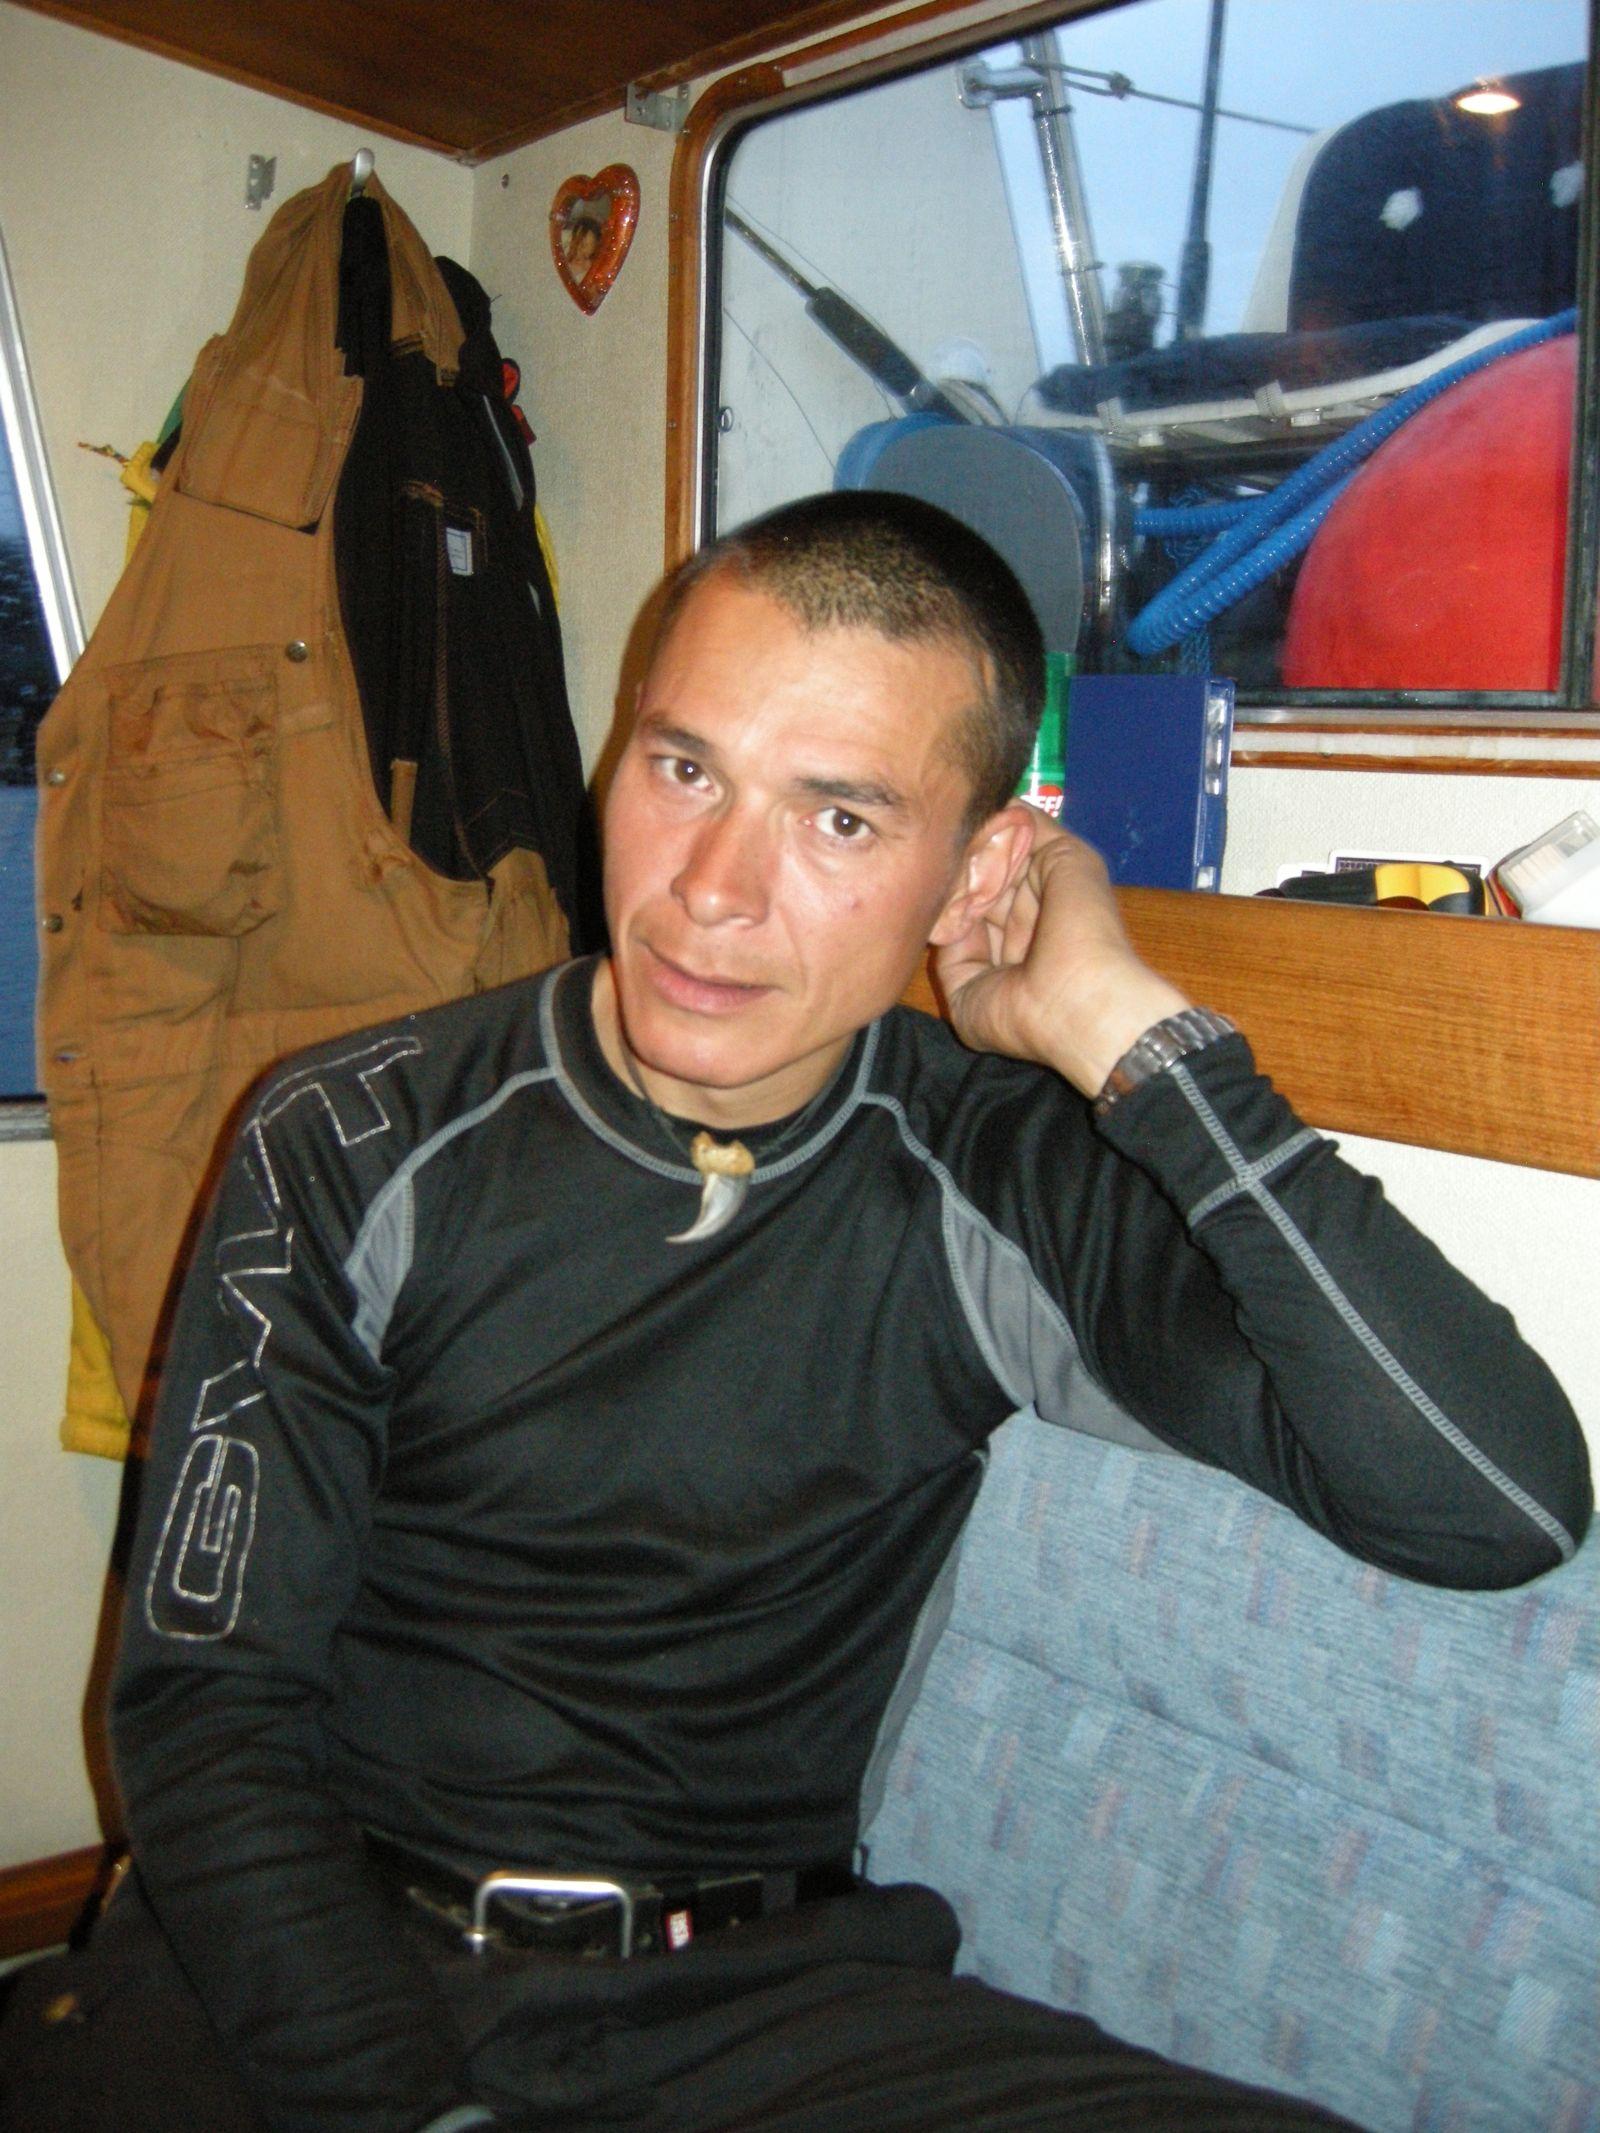 2010-08-02-2212_-_Klaus Lage Labansen